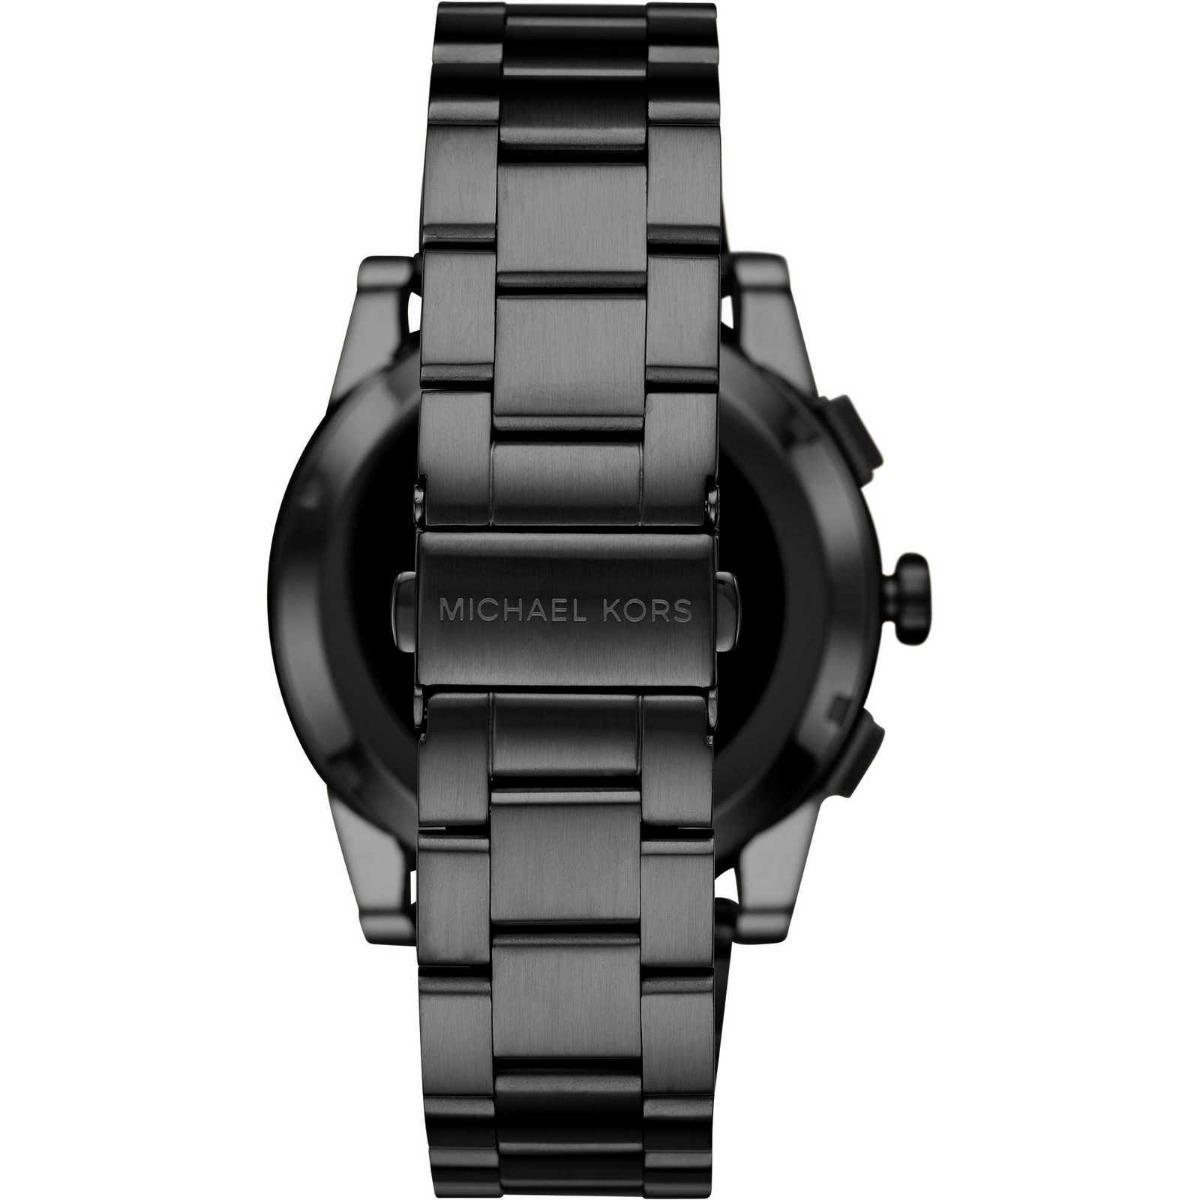 Carregando zoom... relógio michael kors access grayson smartwatch mkt5029  novo a3994de4f8